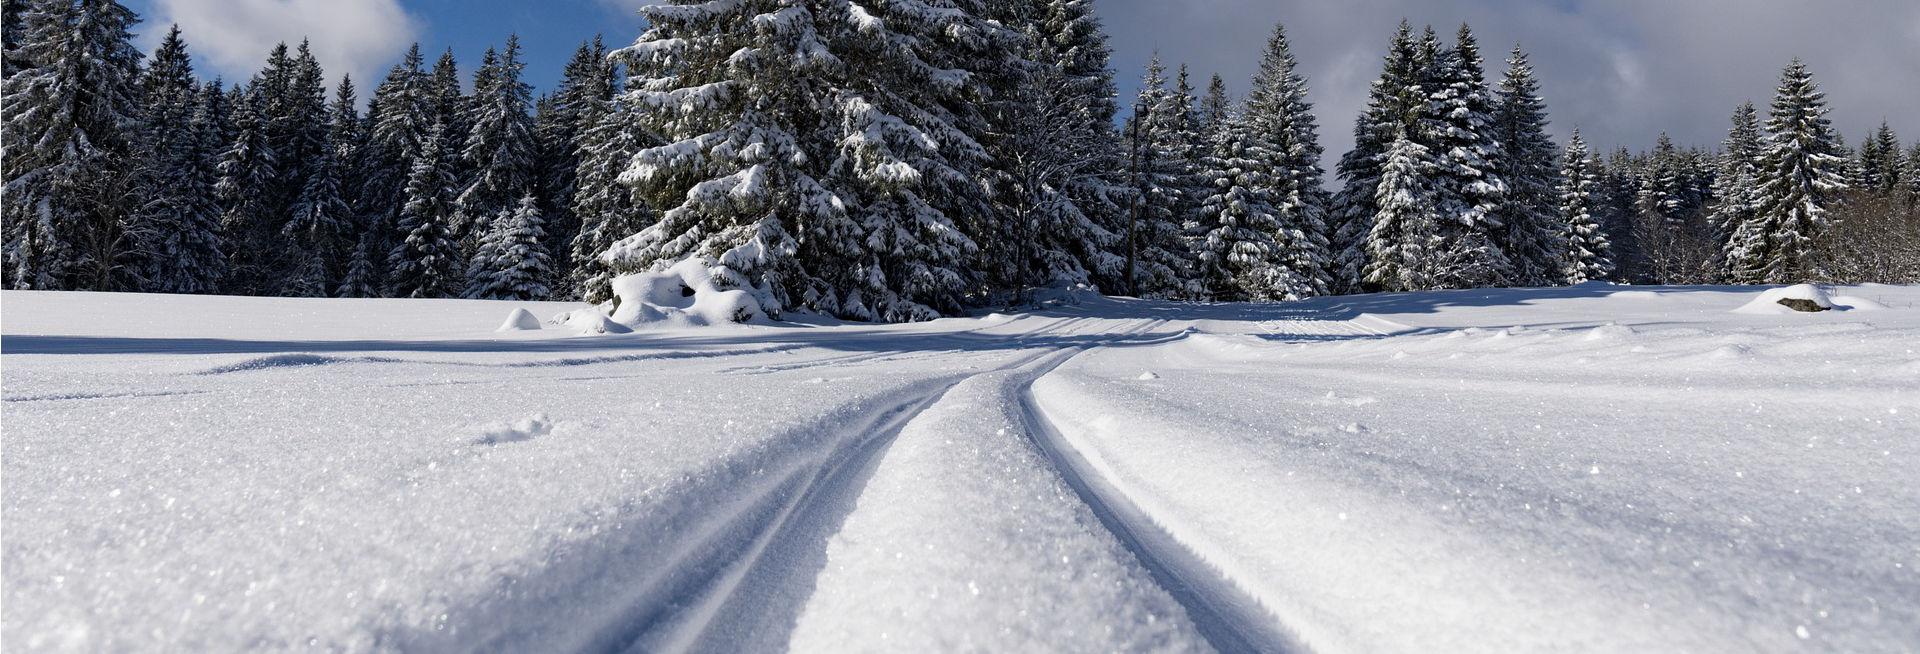 Sneeuwkettingen voor de Volkswagen Multivan